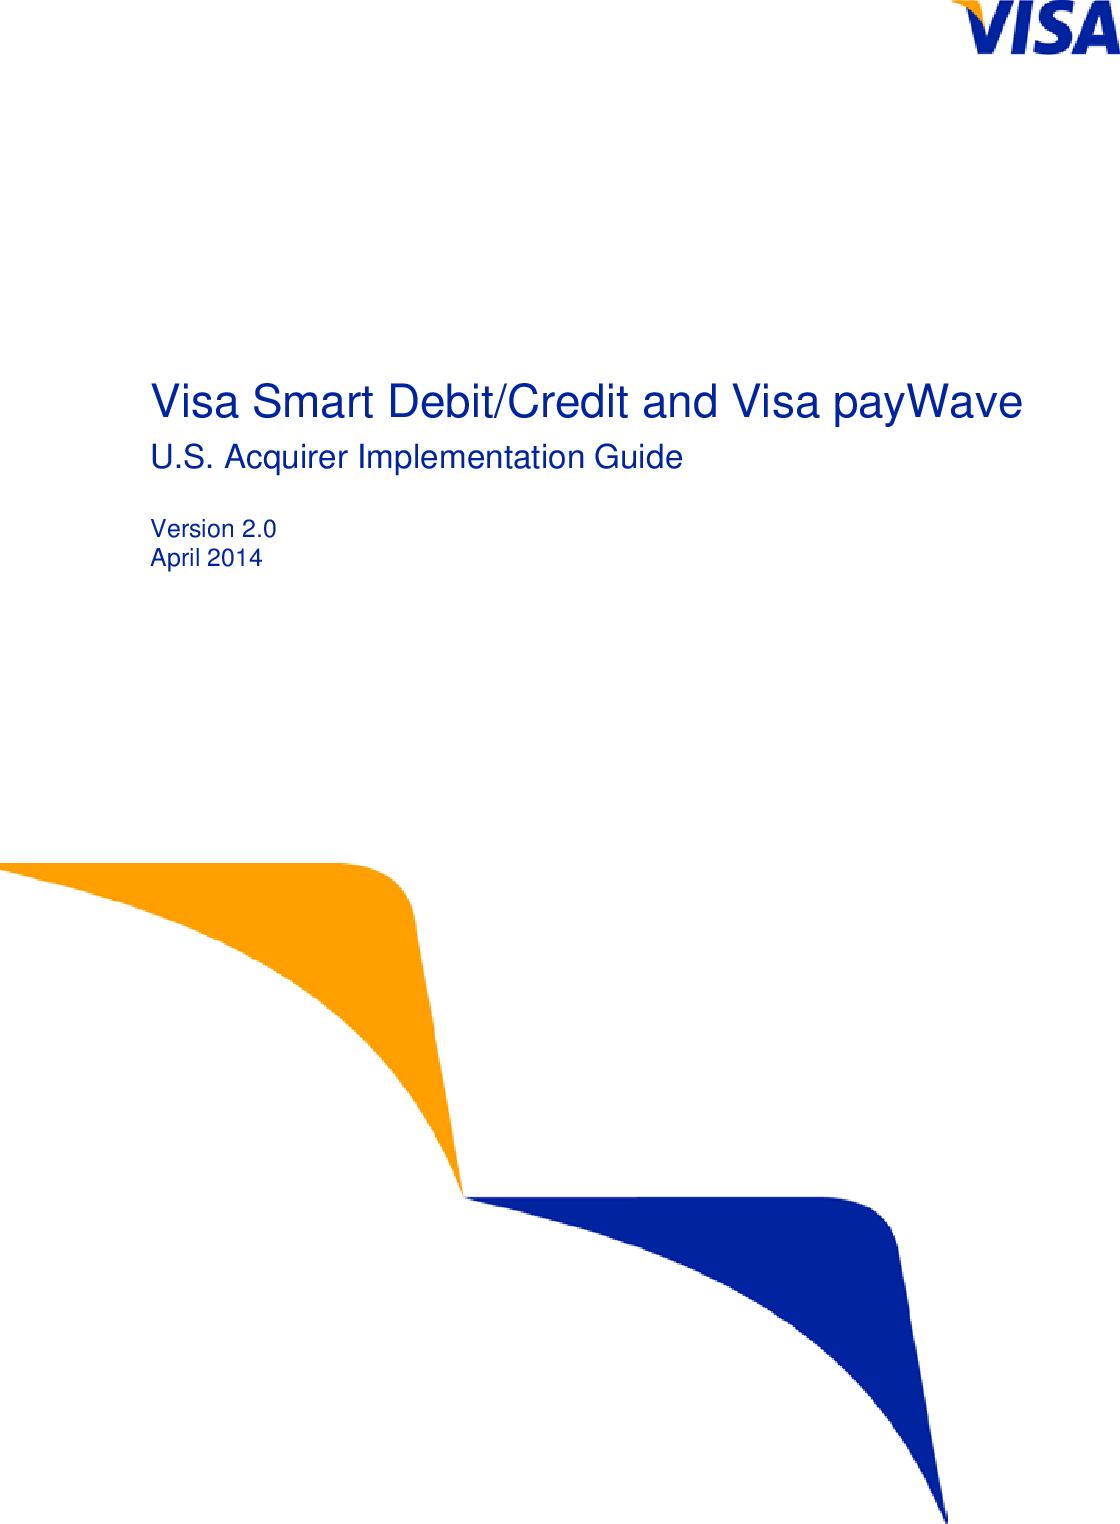 VSDC And Visa PayWave US Acquirer Implementation Guide V2